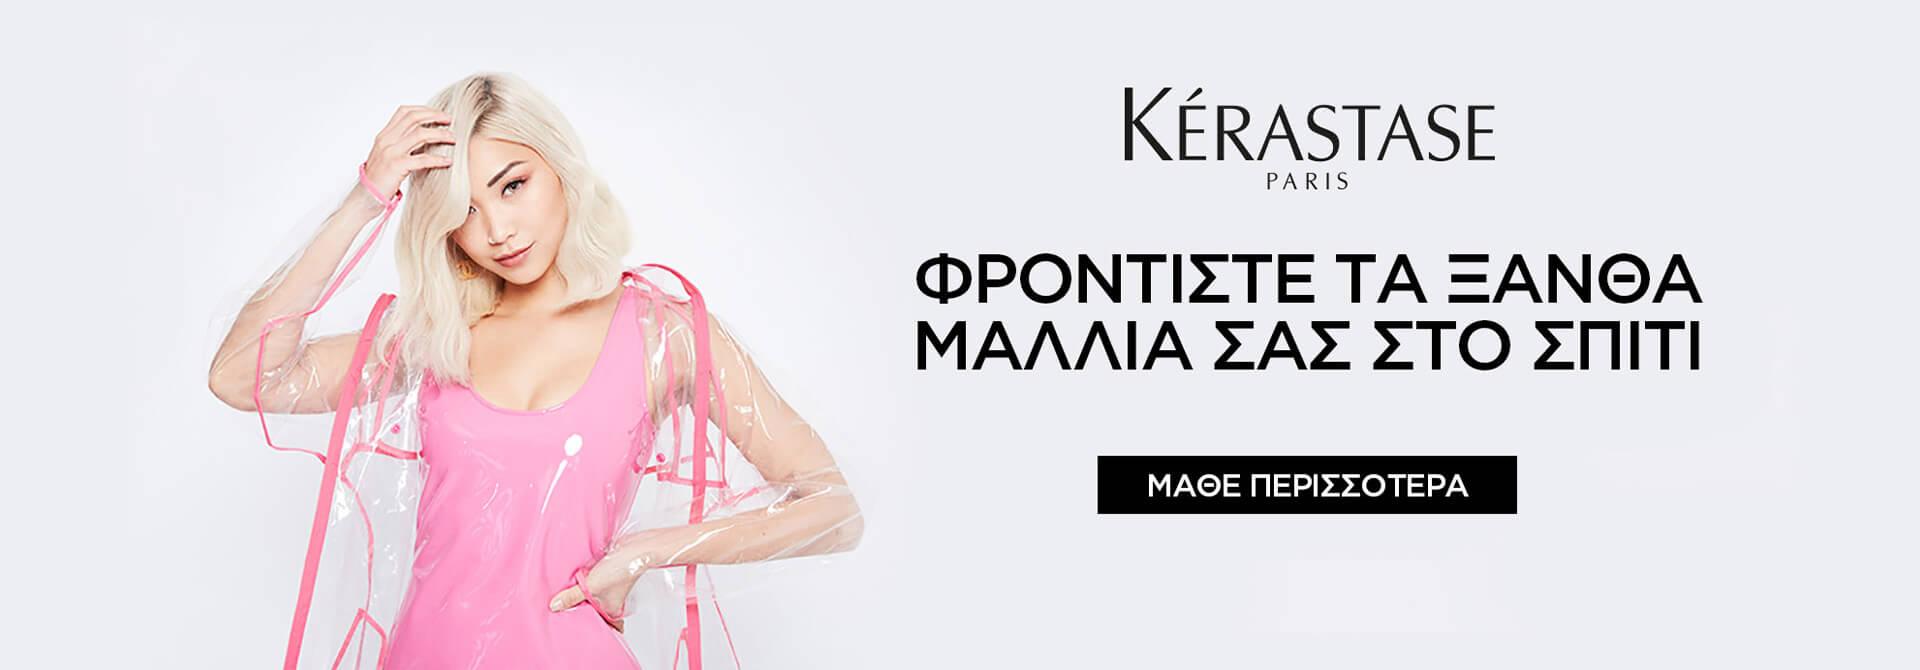 Kerastase Blond Absolu - Προϊόντα Περιποίησης Μαλλιών - Περιποίηση - Προσφορές - Μαλλιά - Le Tif